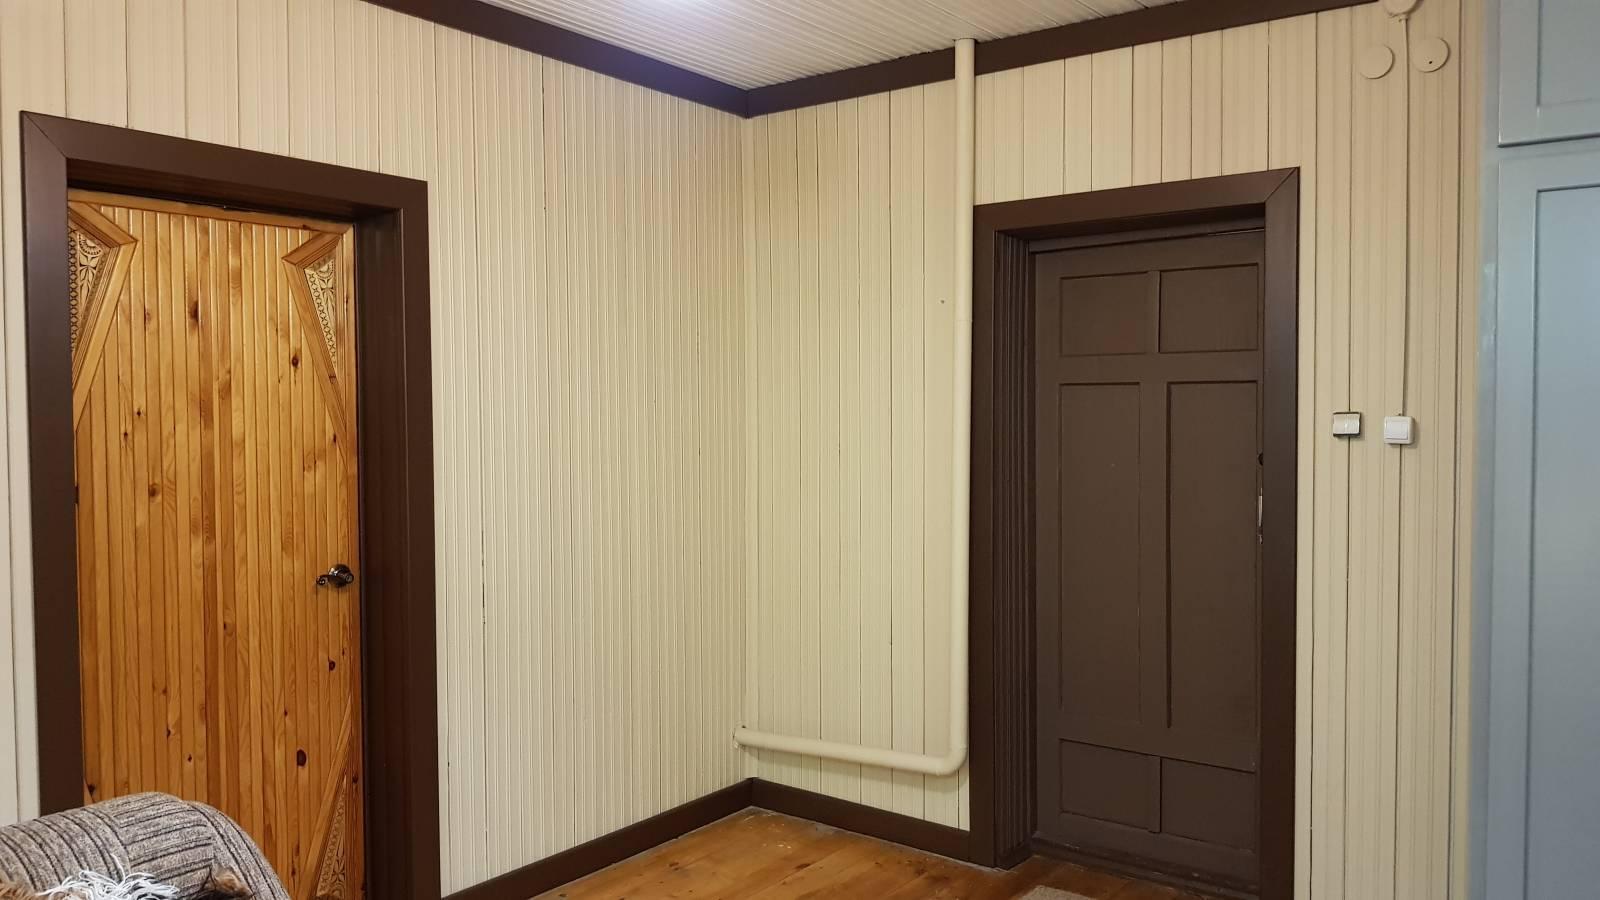 Откосы для входных дверей (59 фото): отделка изнутри из панелей мдф и ламината после установки, как сделать своими руками